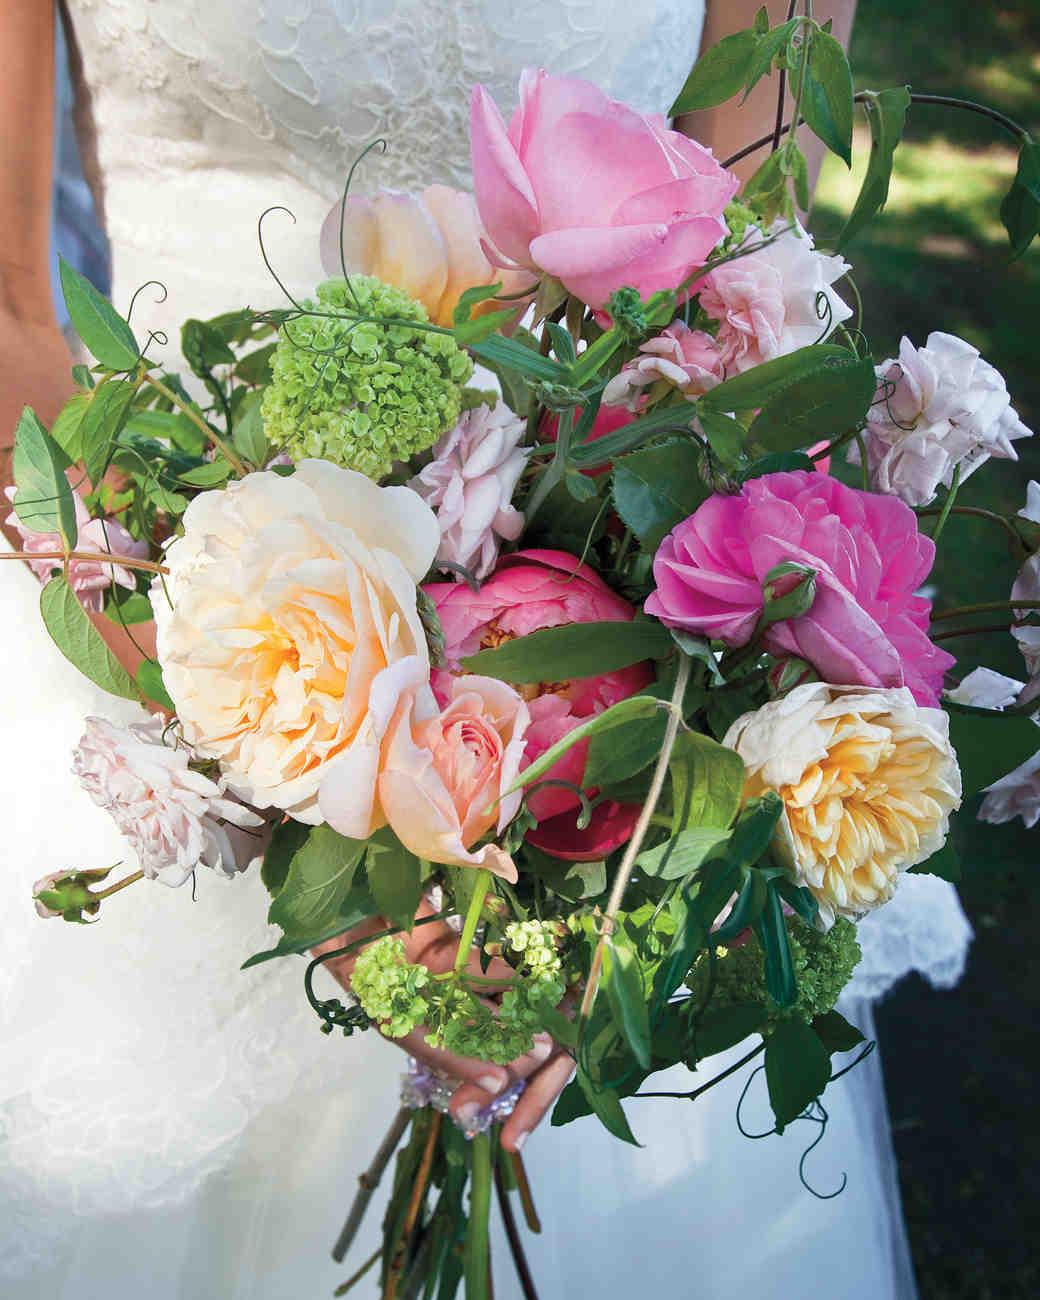 rw-bouquet-0811mwds107012.jpg